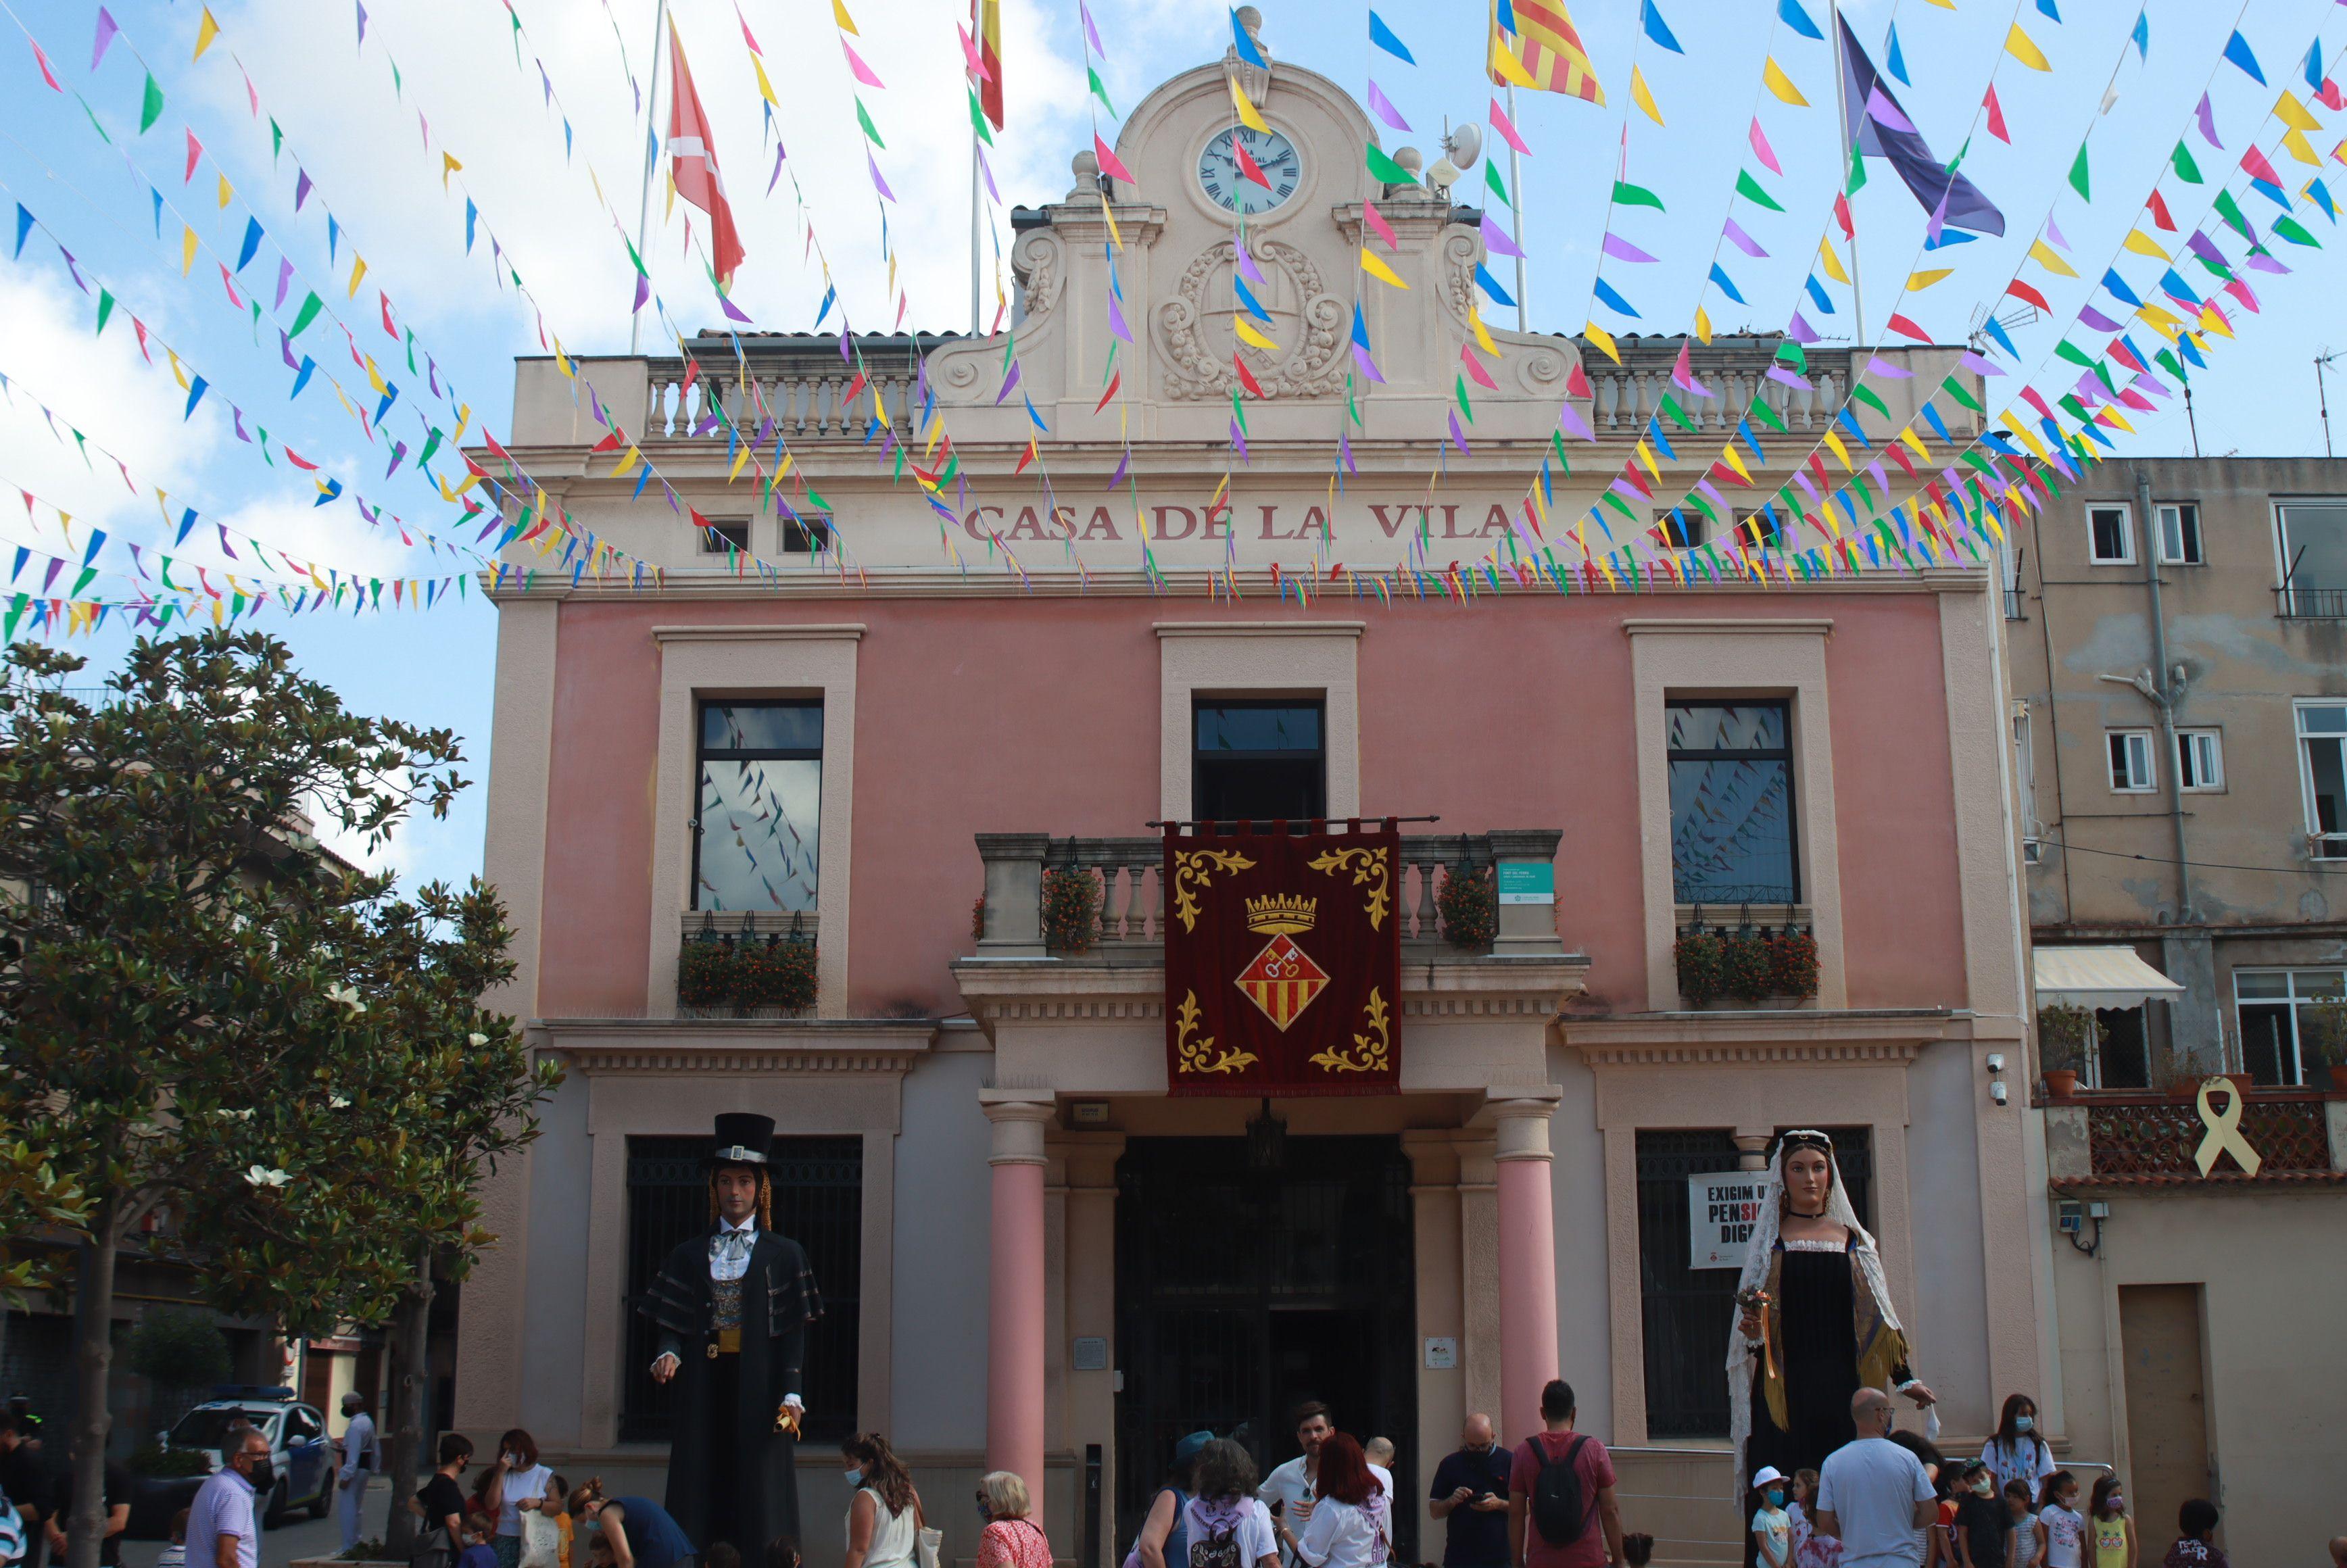 Despertada i plantada de gegants per Festa Major. FOTO: Josep Llamas